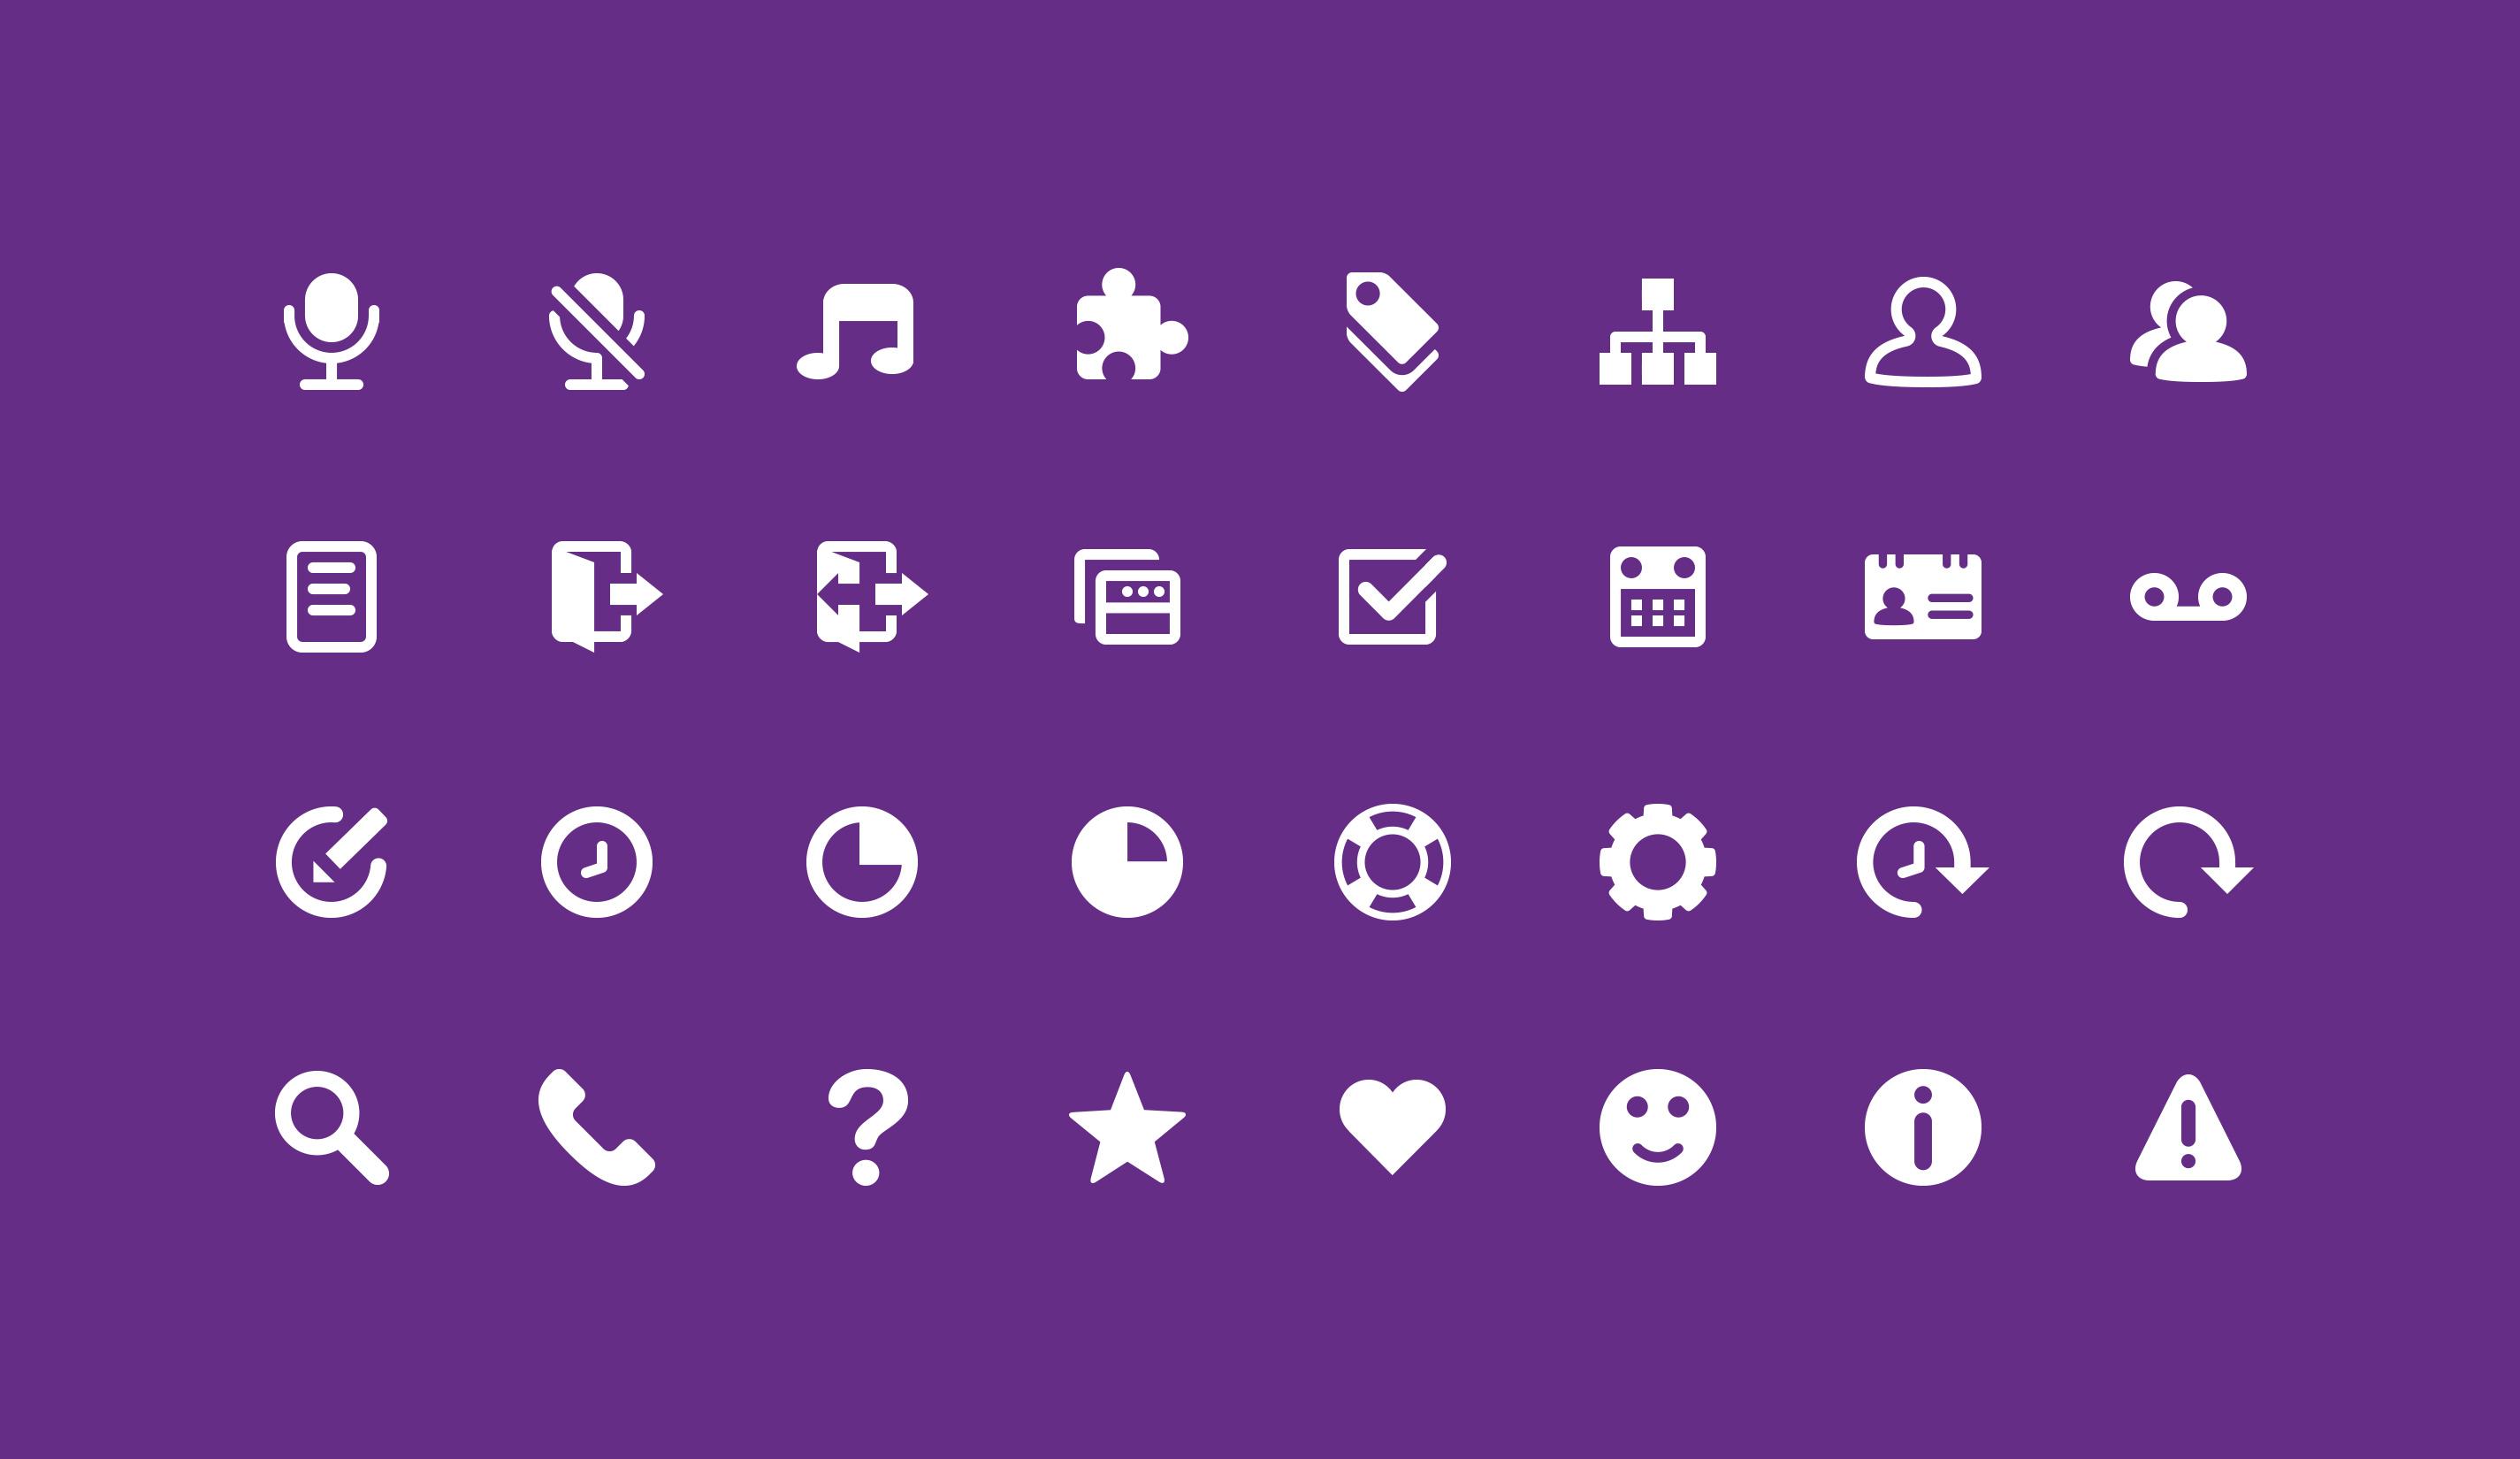 callguide-icons